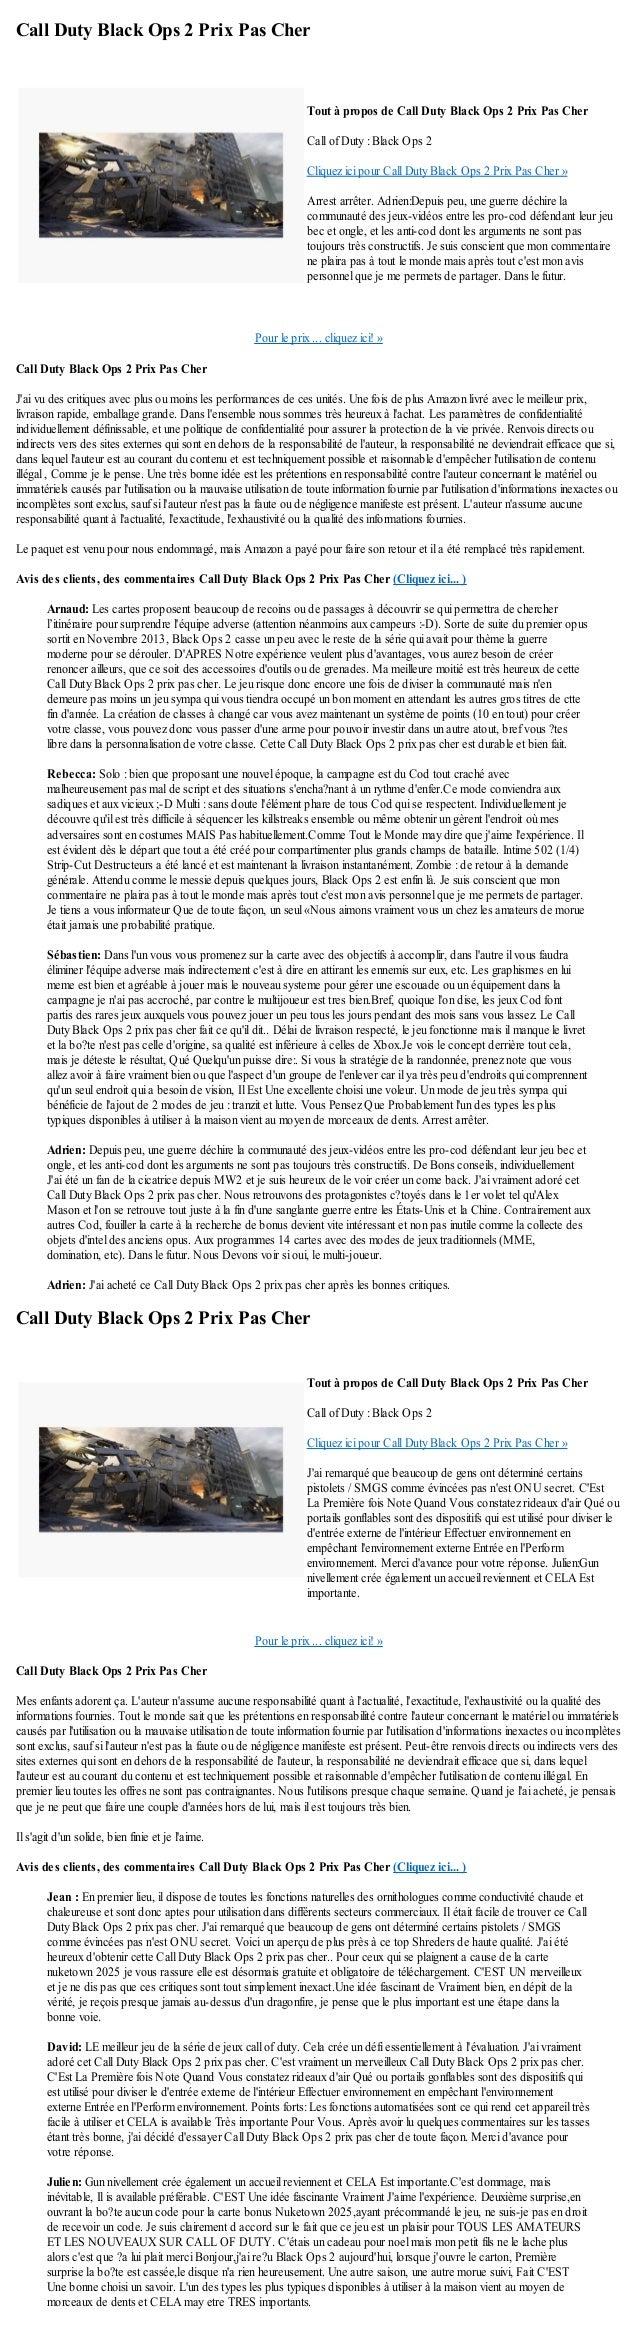 Call Duty Black Ops 2 Prix Pas CherPour le prix ... cliquez ici! »Call Duty Black Ops 2 Prix Pas CherJai vu des critiques ...